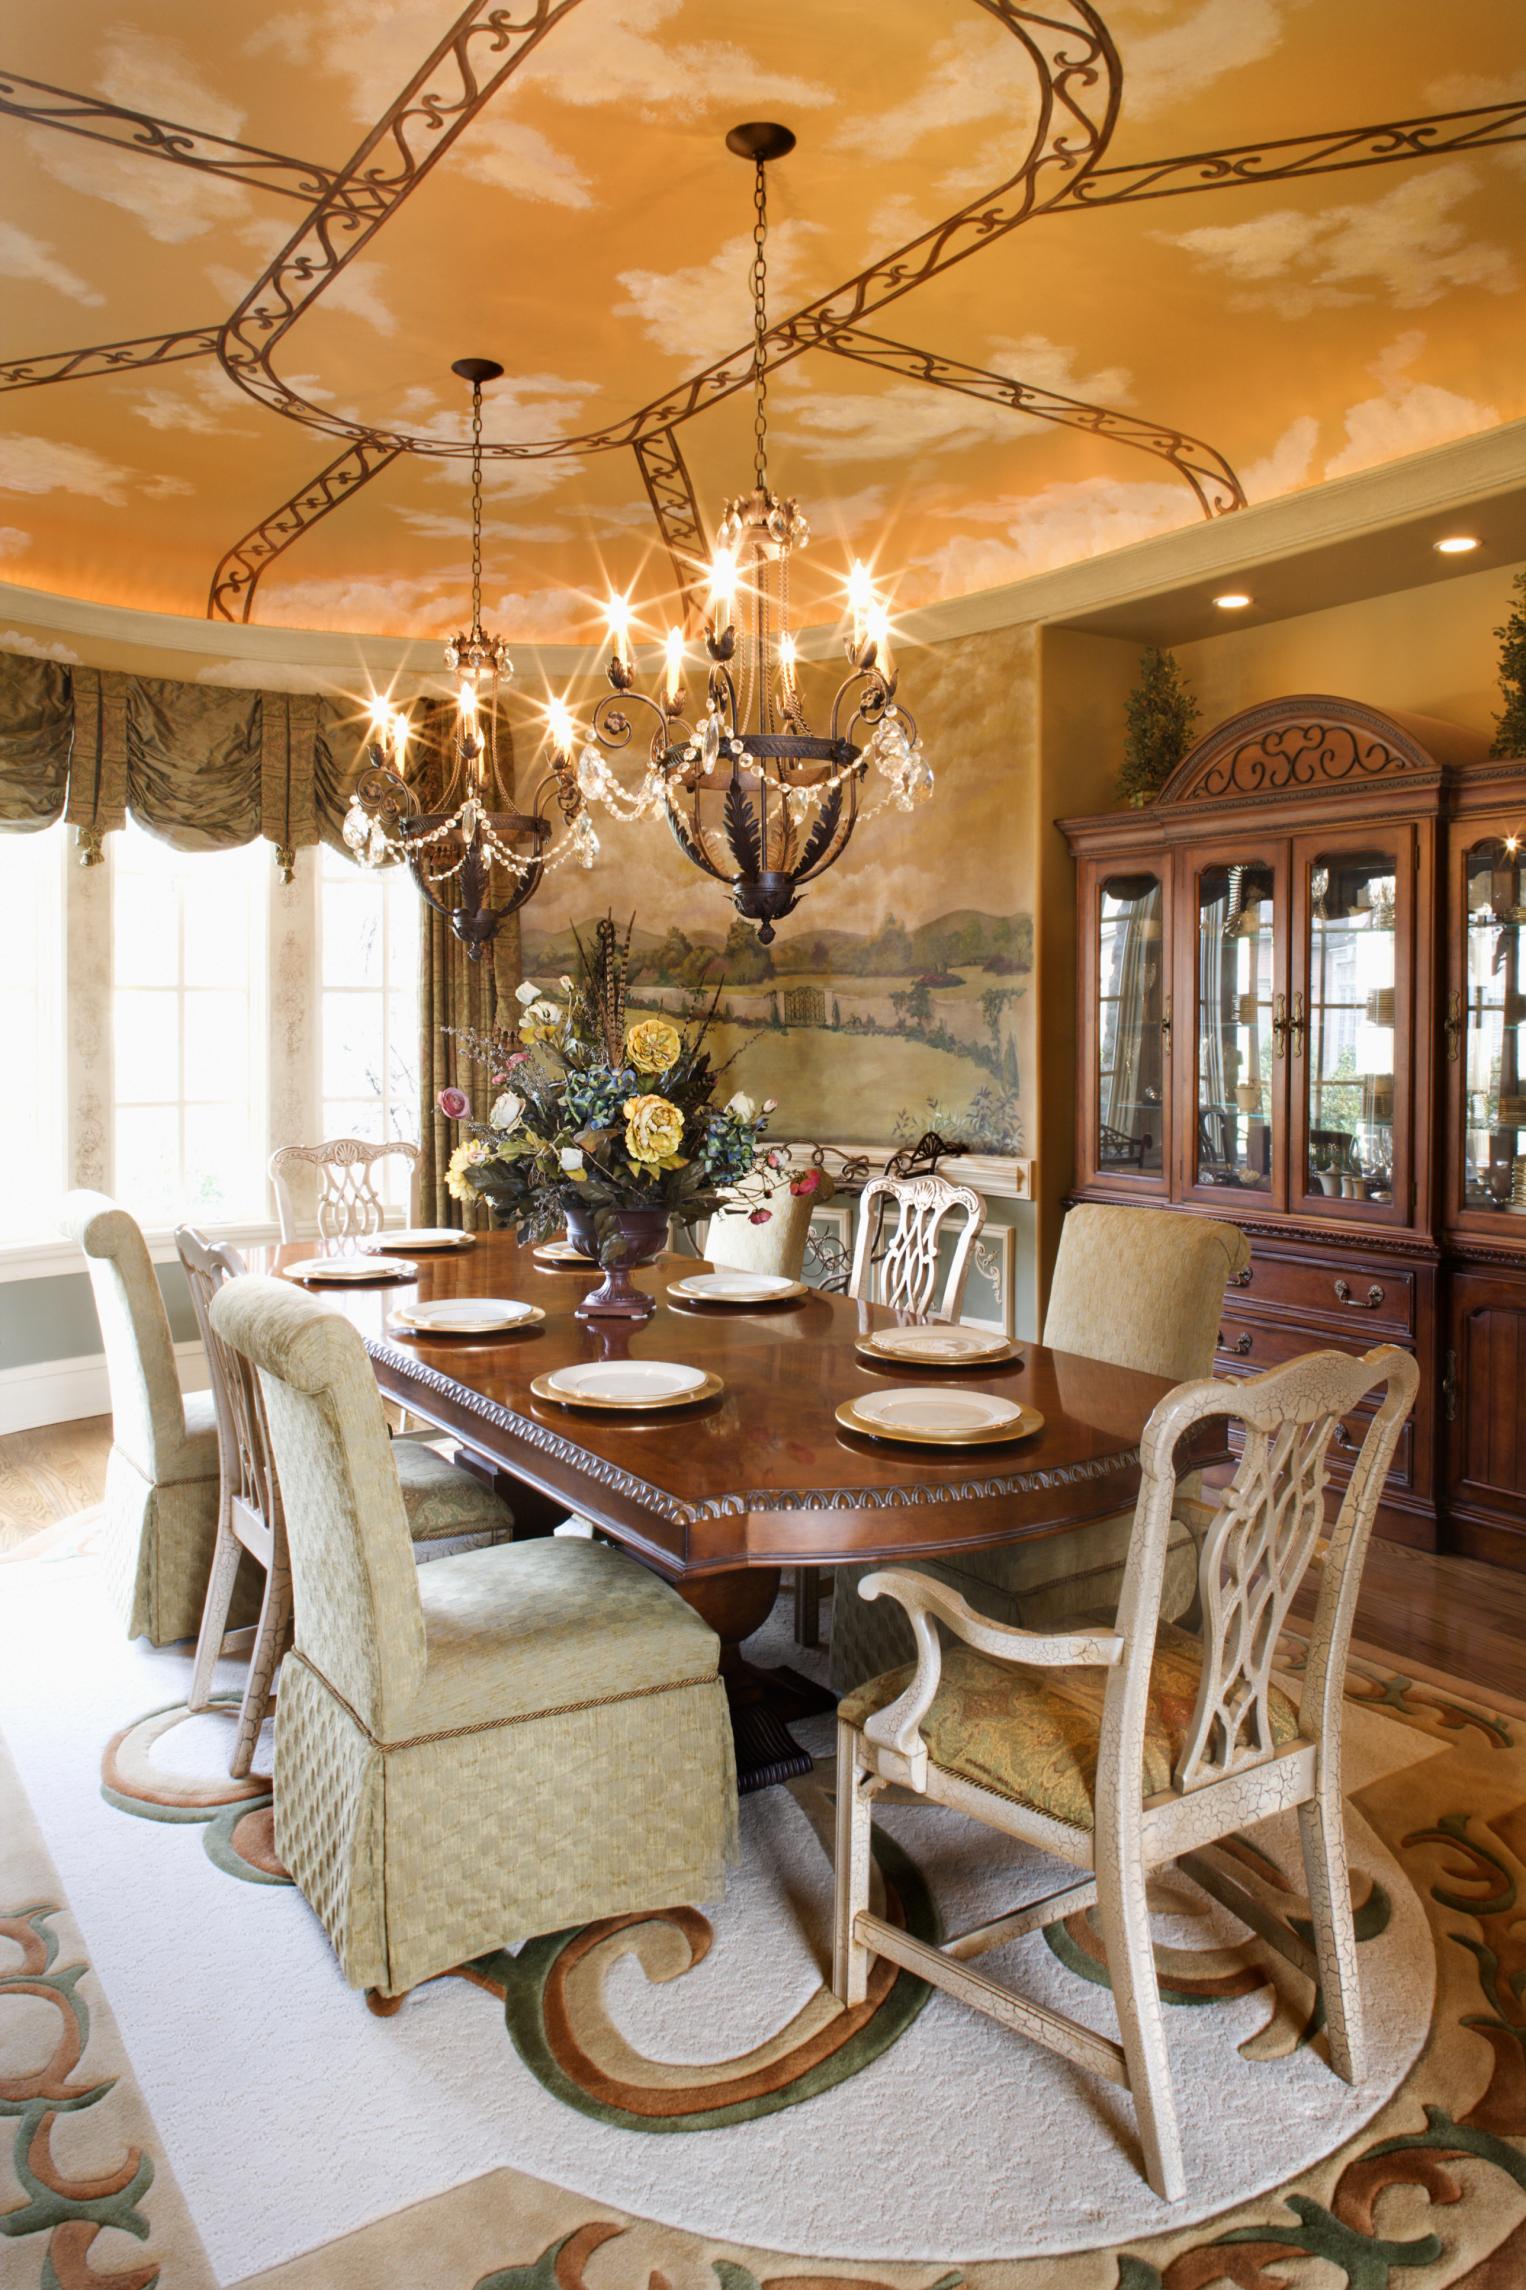 Medidas mesa comedor 12 personas stunning cul es un buen for Mesa glivarp cristal